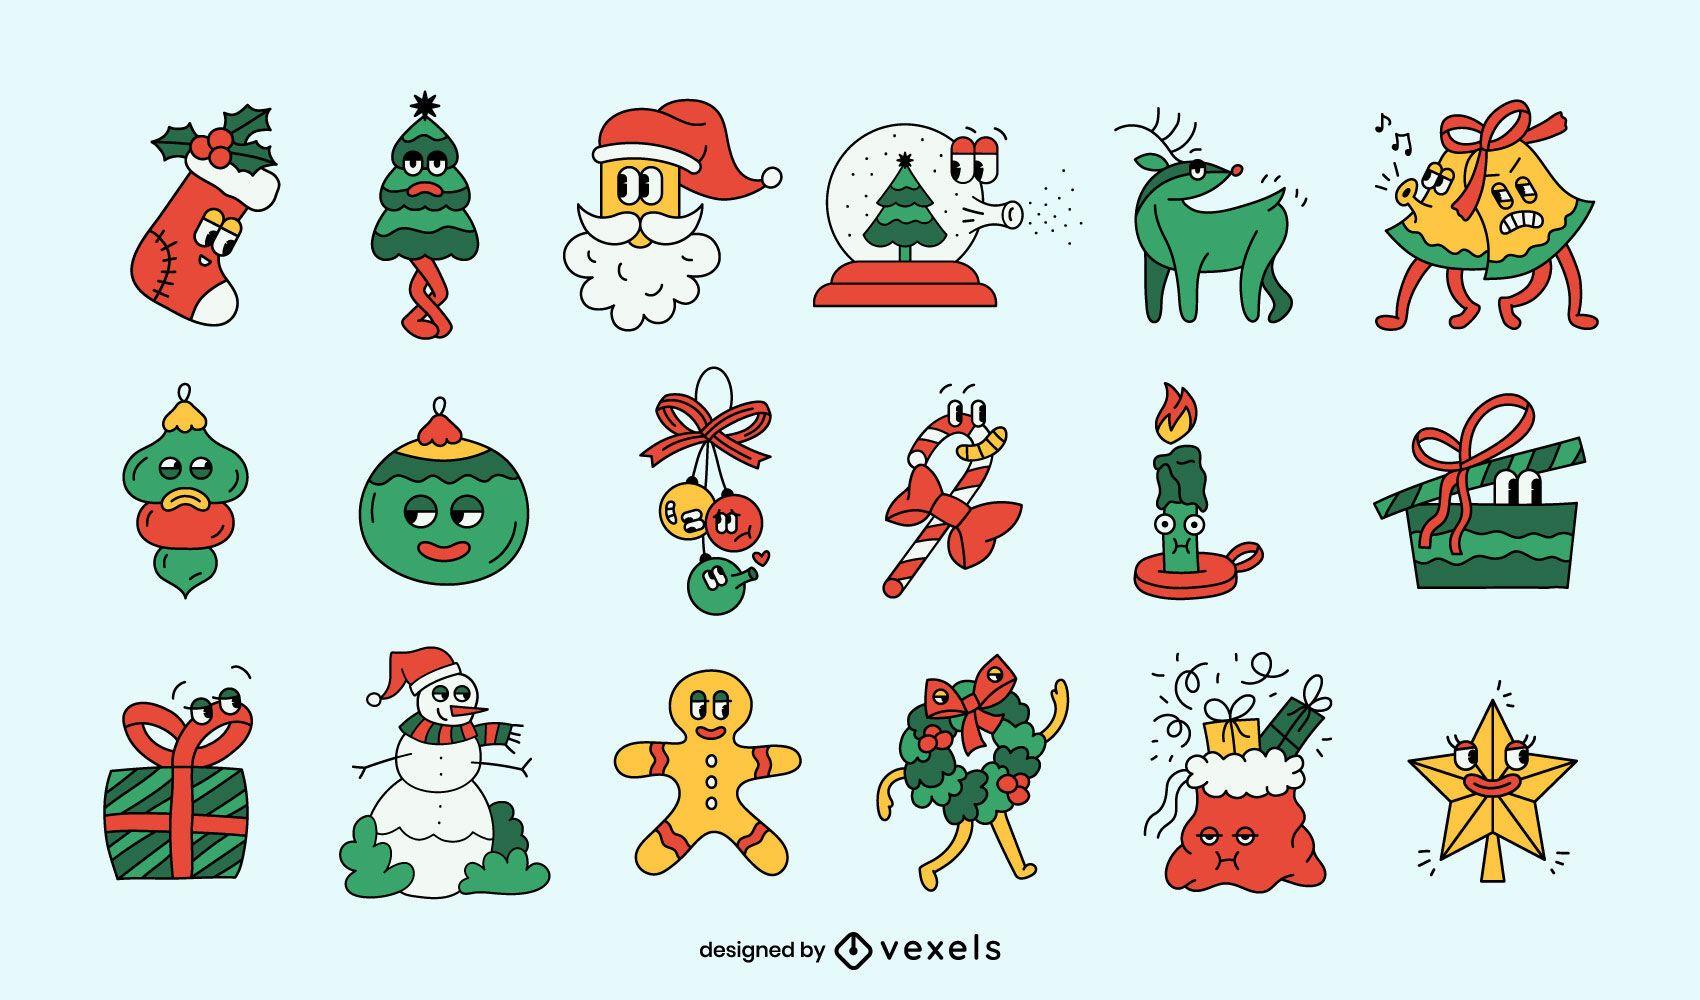 Divertidos dibujos animados de Navidad